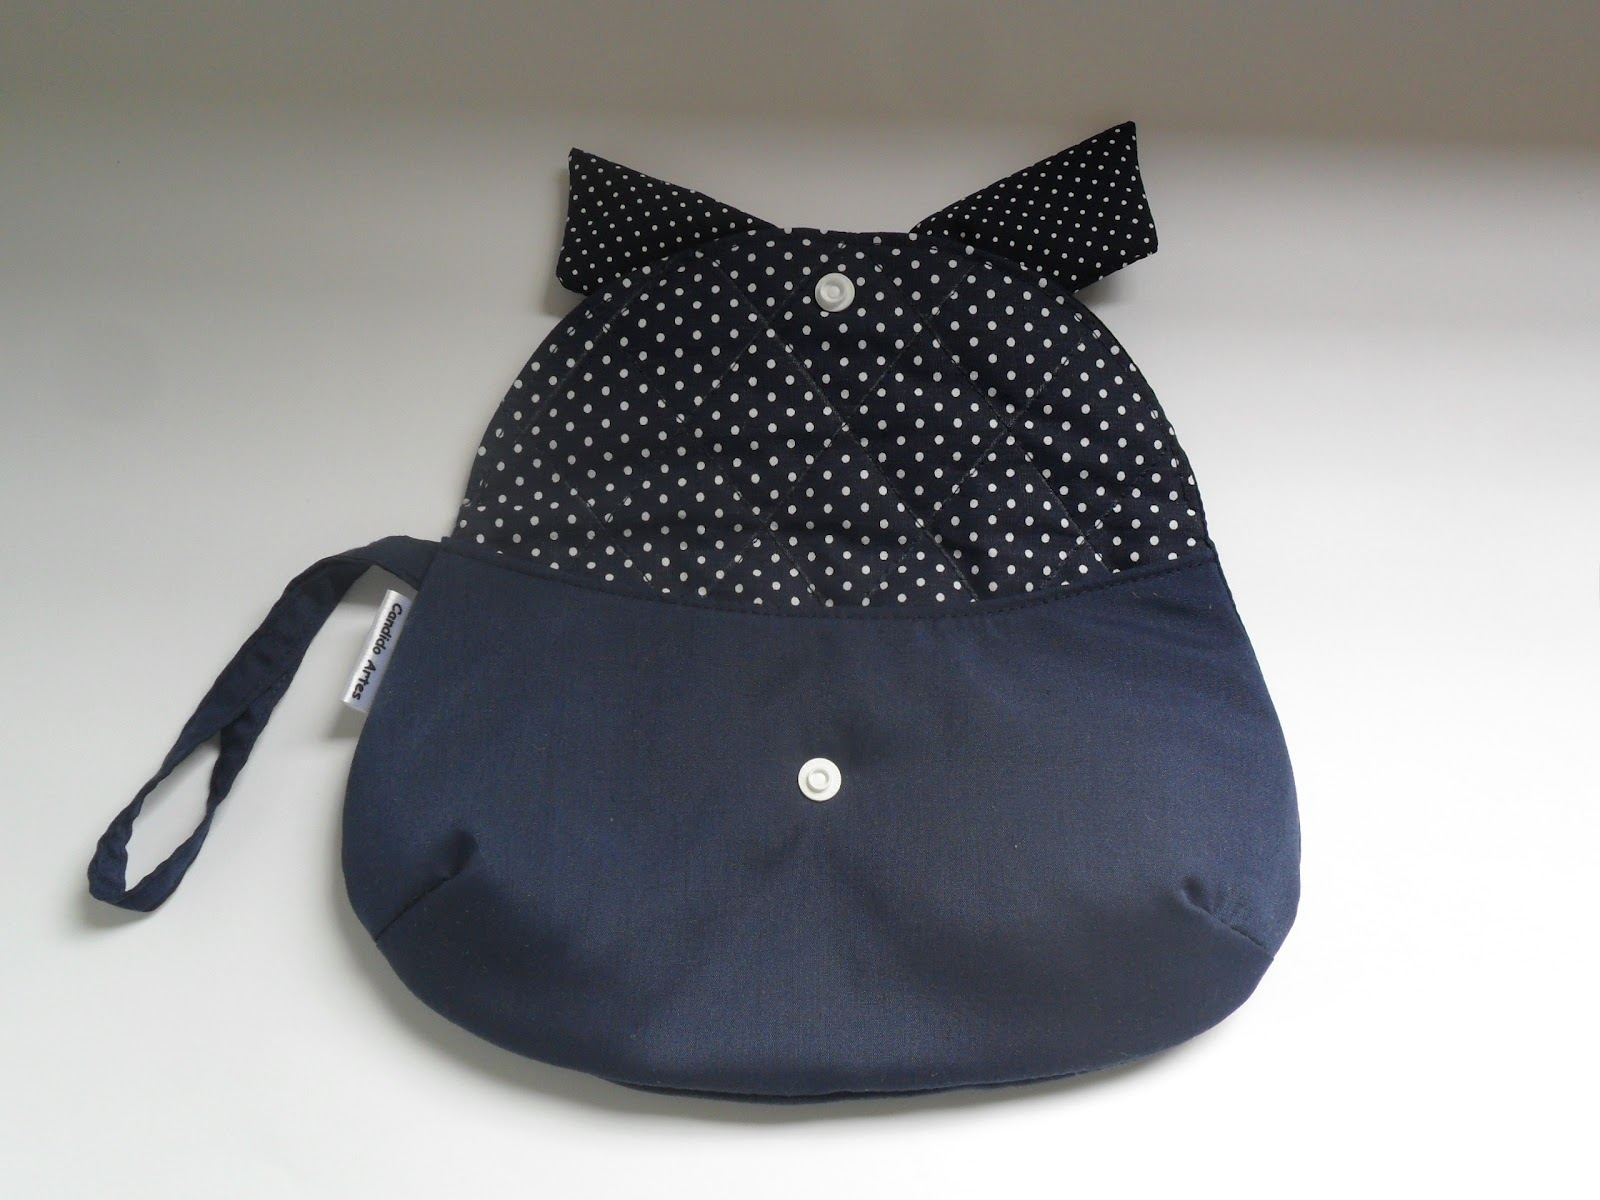 Bolsa De Mao Azul Marinho : Artesanato candido artes bolsa de m?o n?cessaire azul